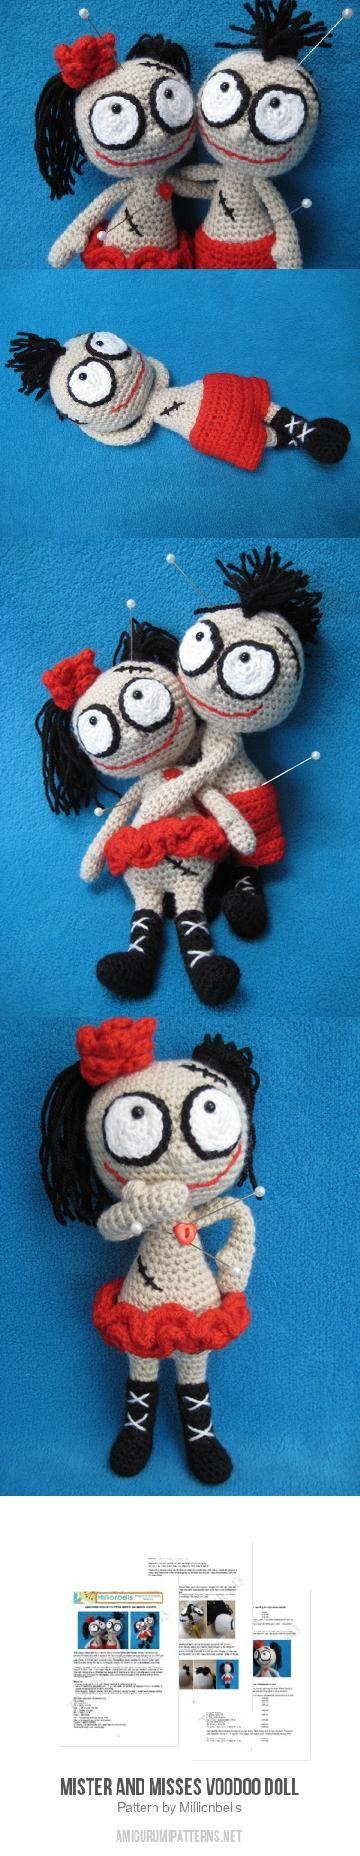 Mister And Misses Voodoo Doll Amigurumi Pattern